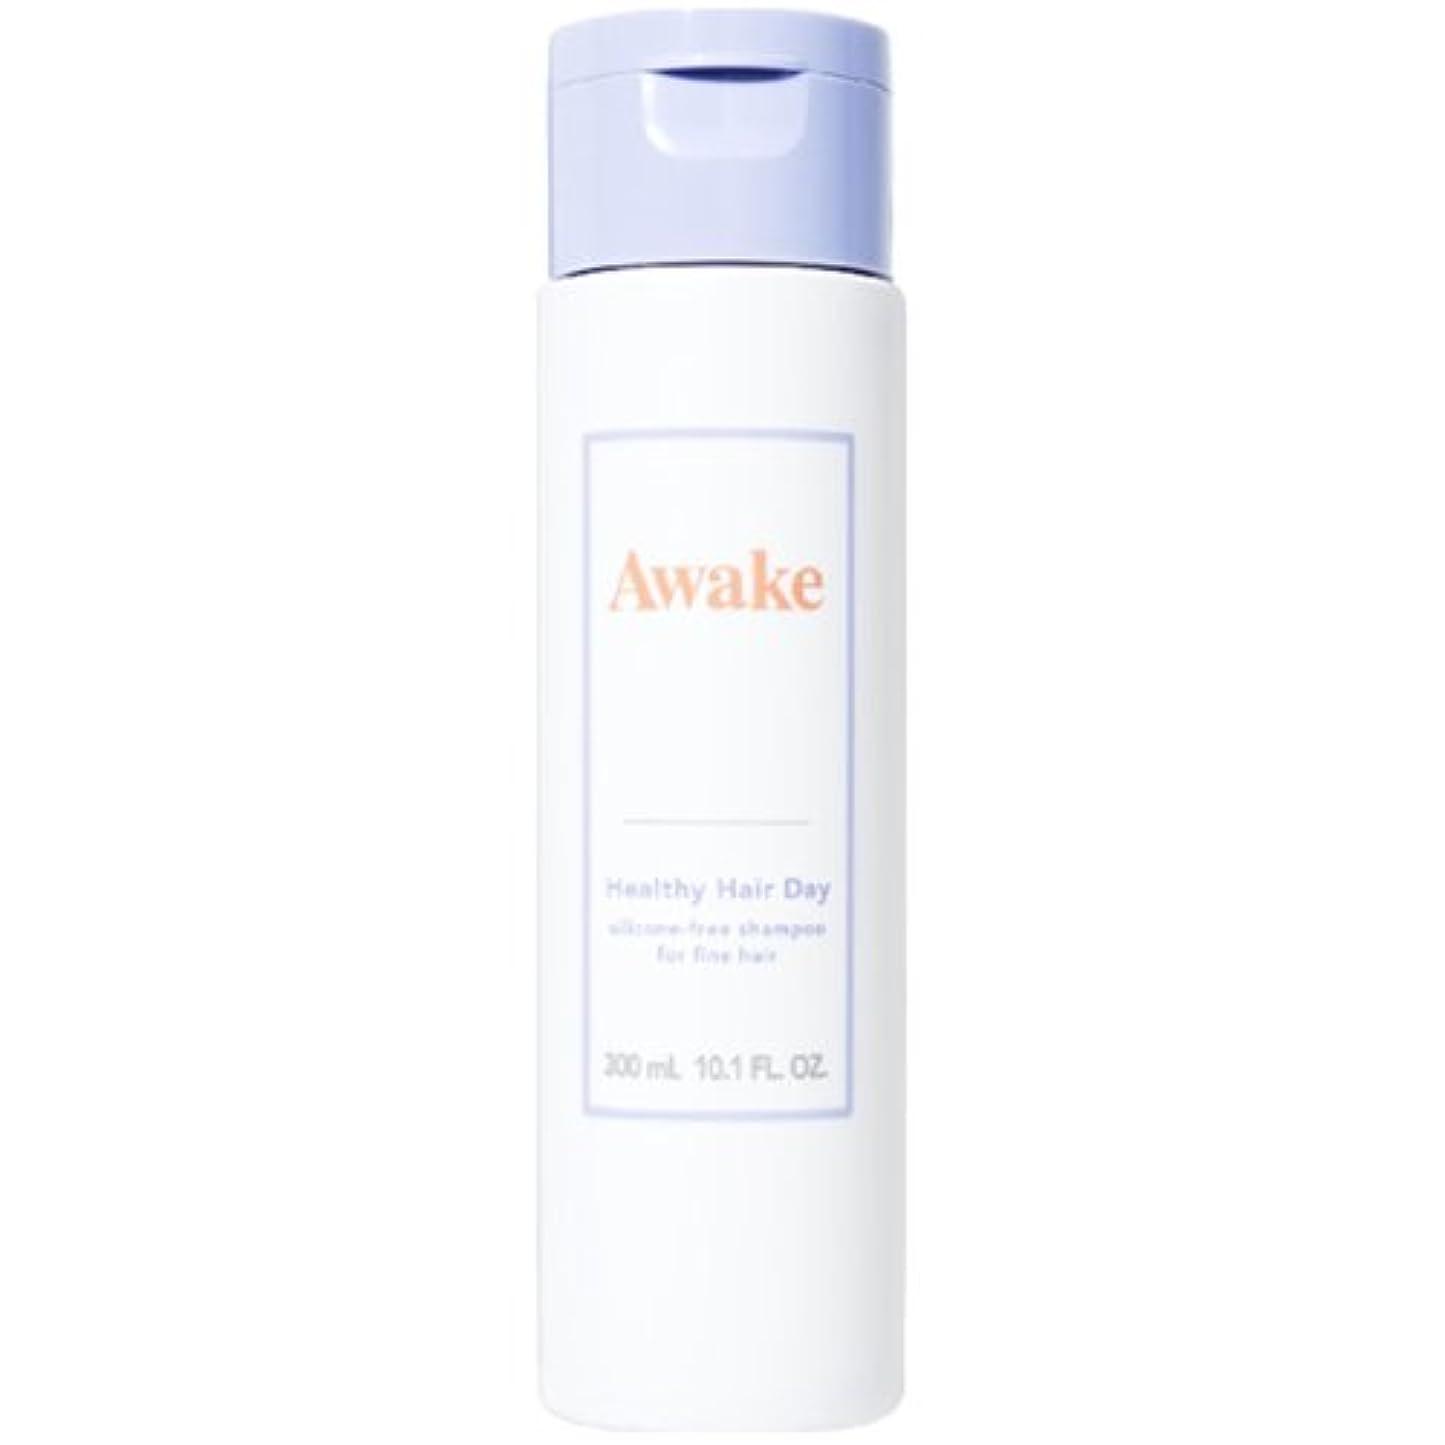 国内のブレス追放するアウェイク(AWAKE) Awake(アウェイク) ヘルシーヘアデイ シリコーンフリー ヘアシャンプー ハリコシアップヘア用 (300mL)